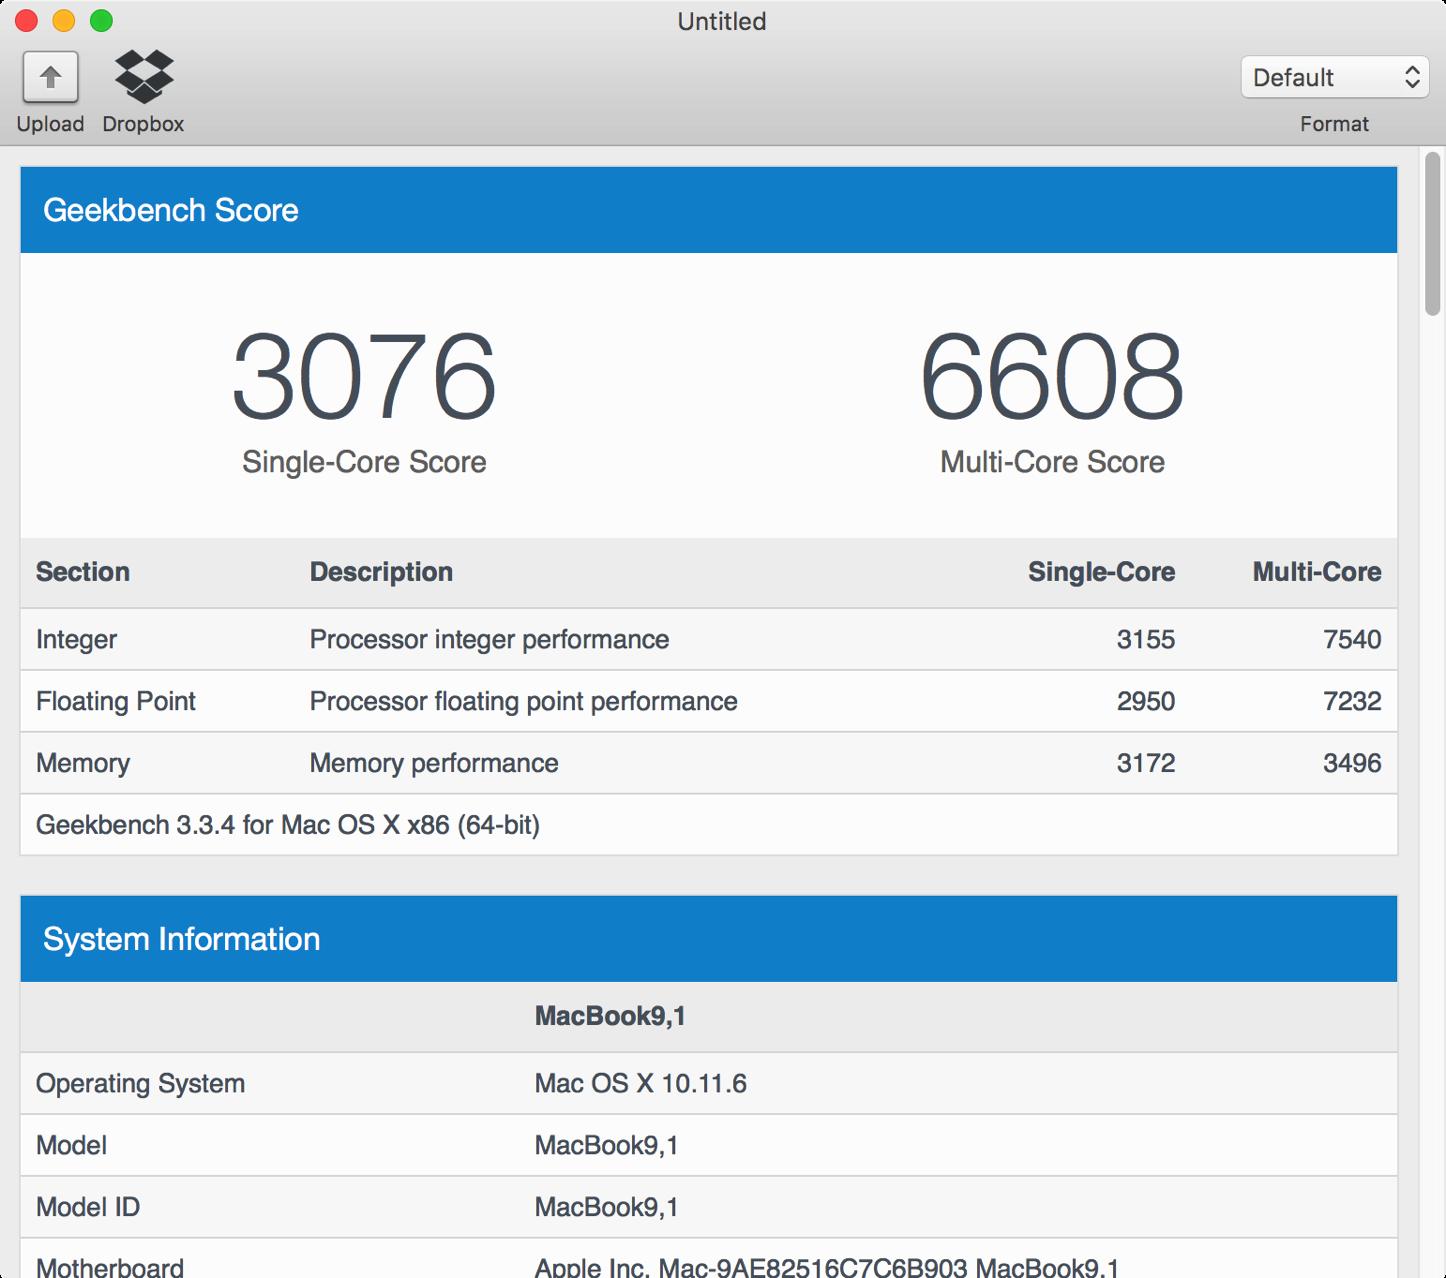 Geekbench3-MacBook2016.png